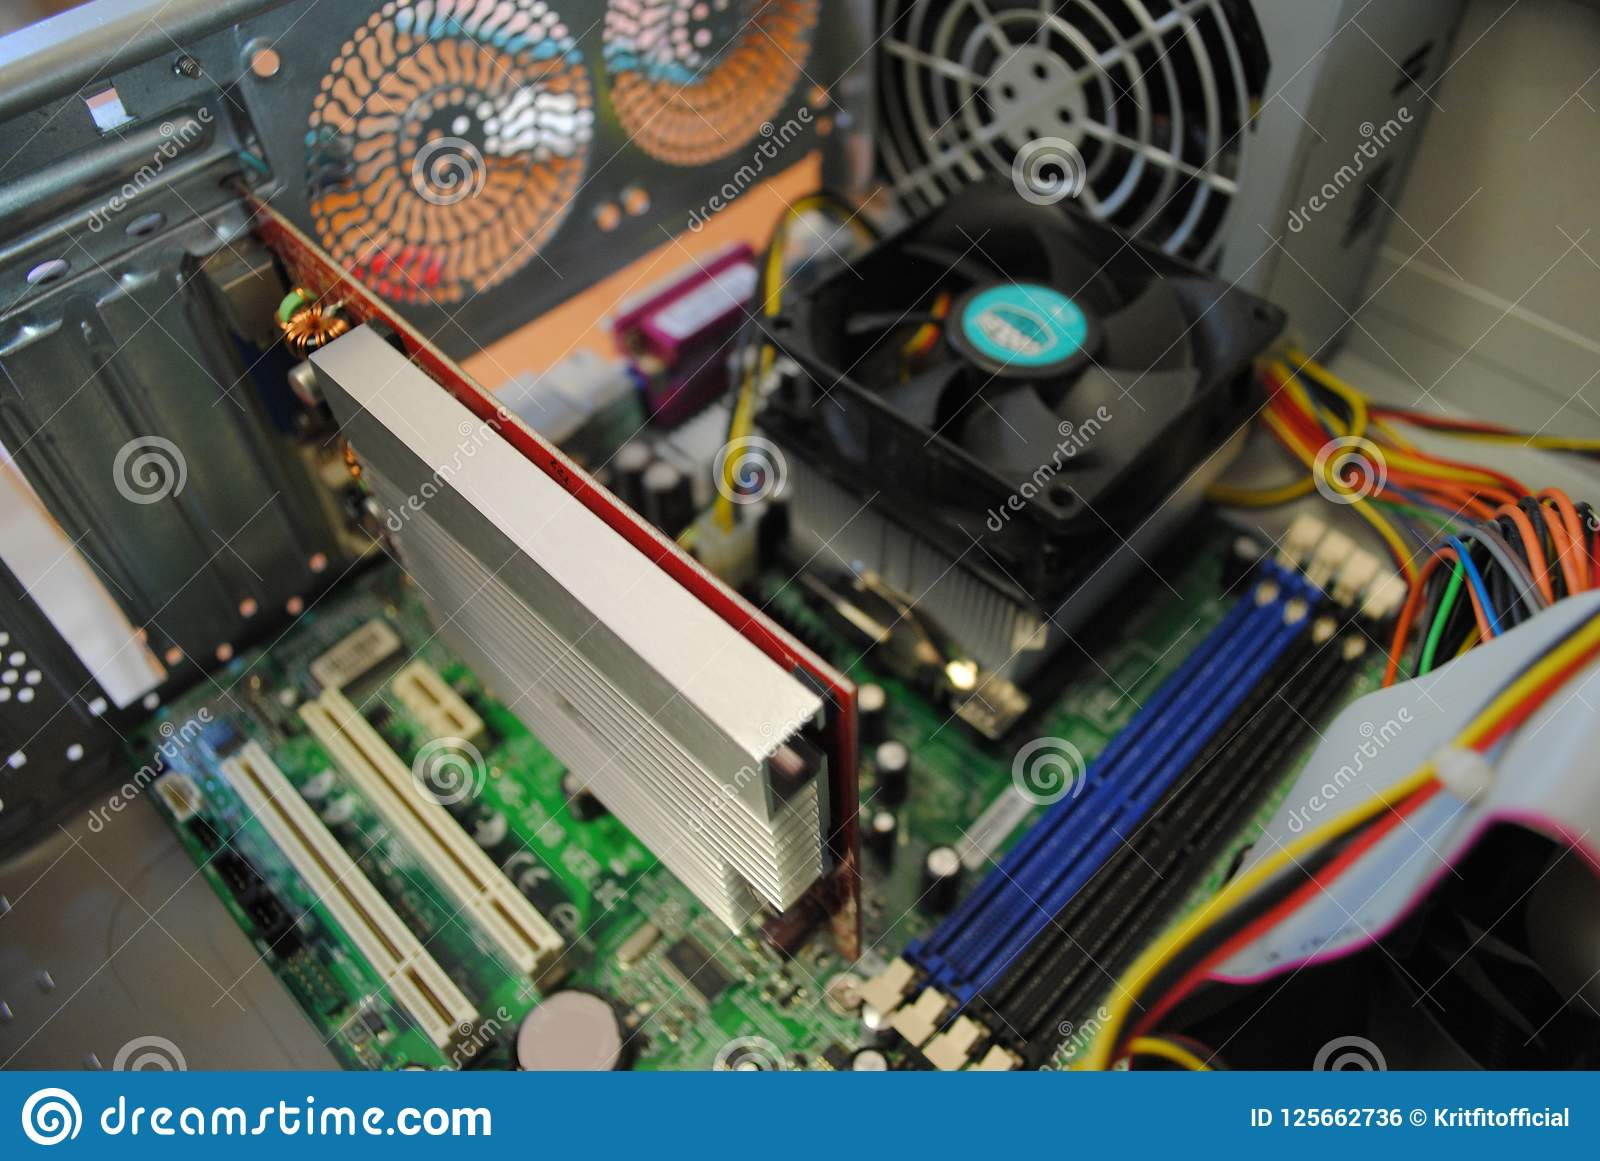 Moderkort, videokort och processor inom datoren